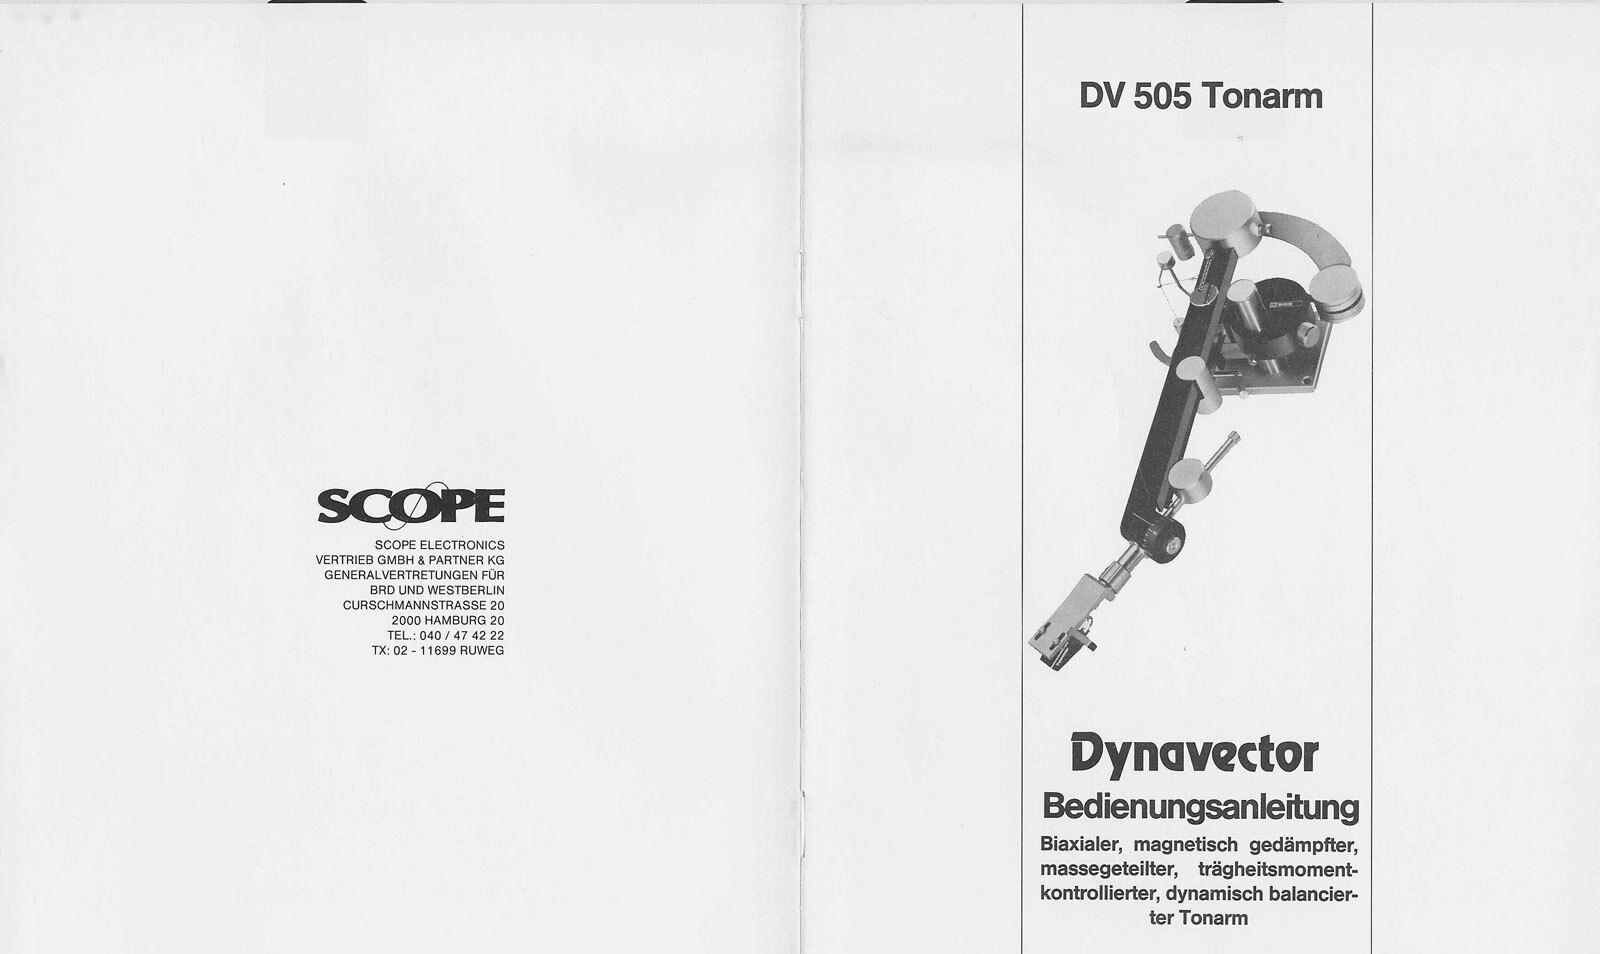 Dynavector DV 505 dynamisch balancierter Tonarm Bedienungsanleitung in deutsch